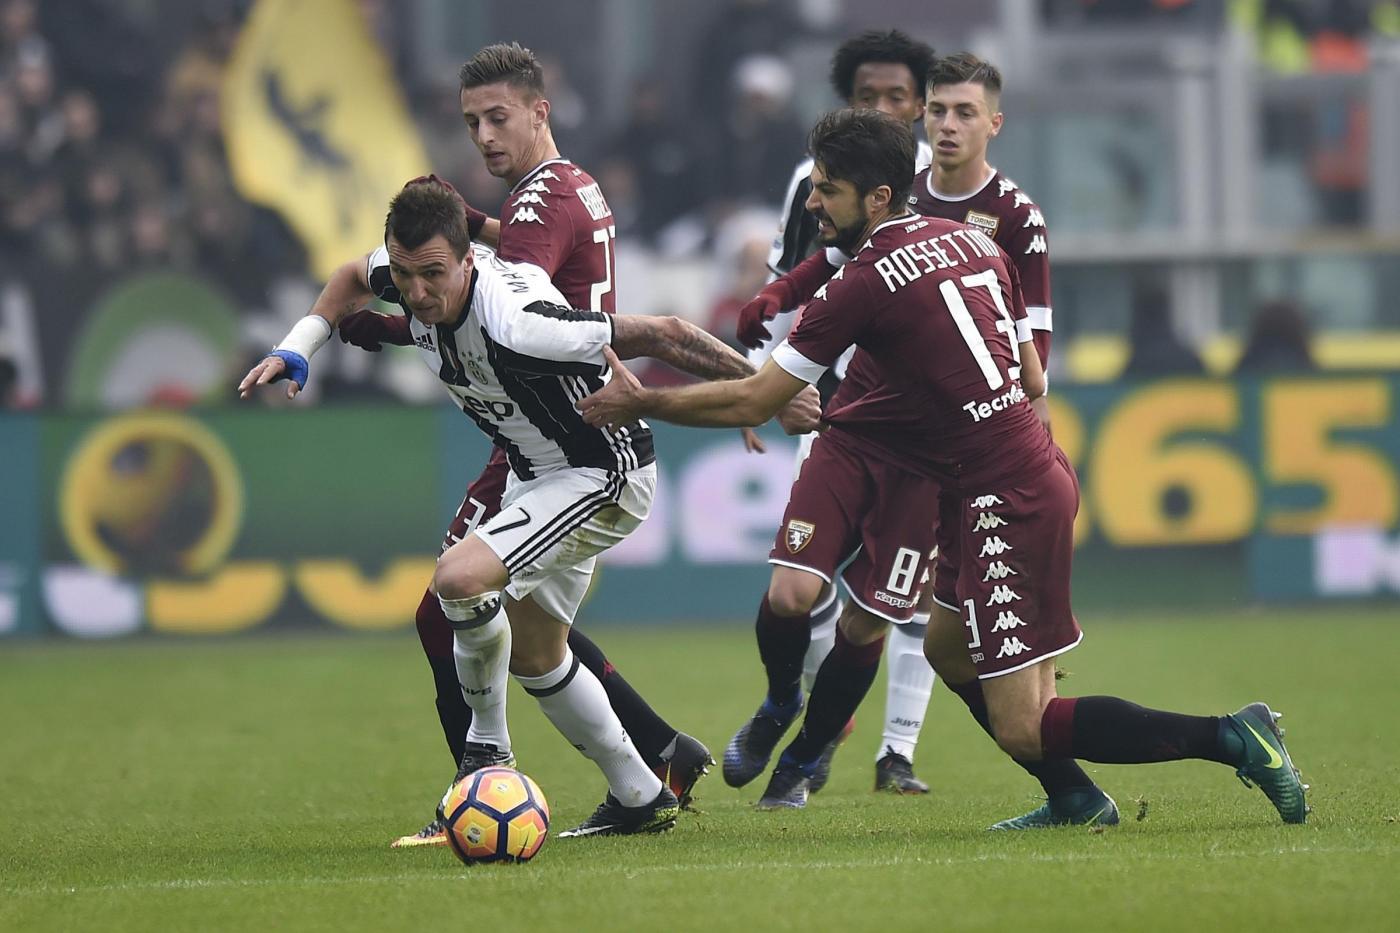 Juve, Mandzukic sgonfia il caso: Volevo solo aiutare ancora la squadra